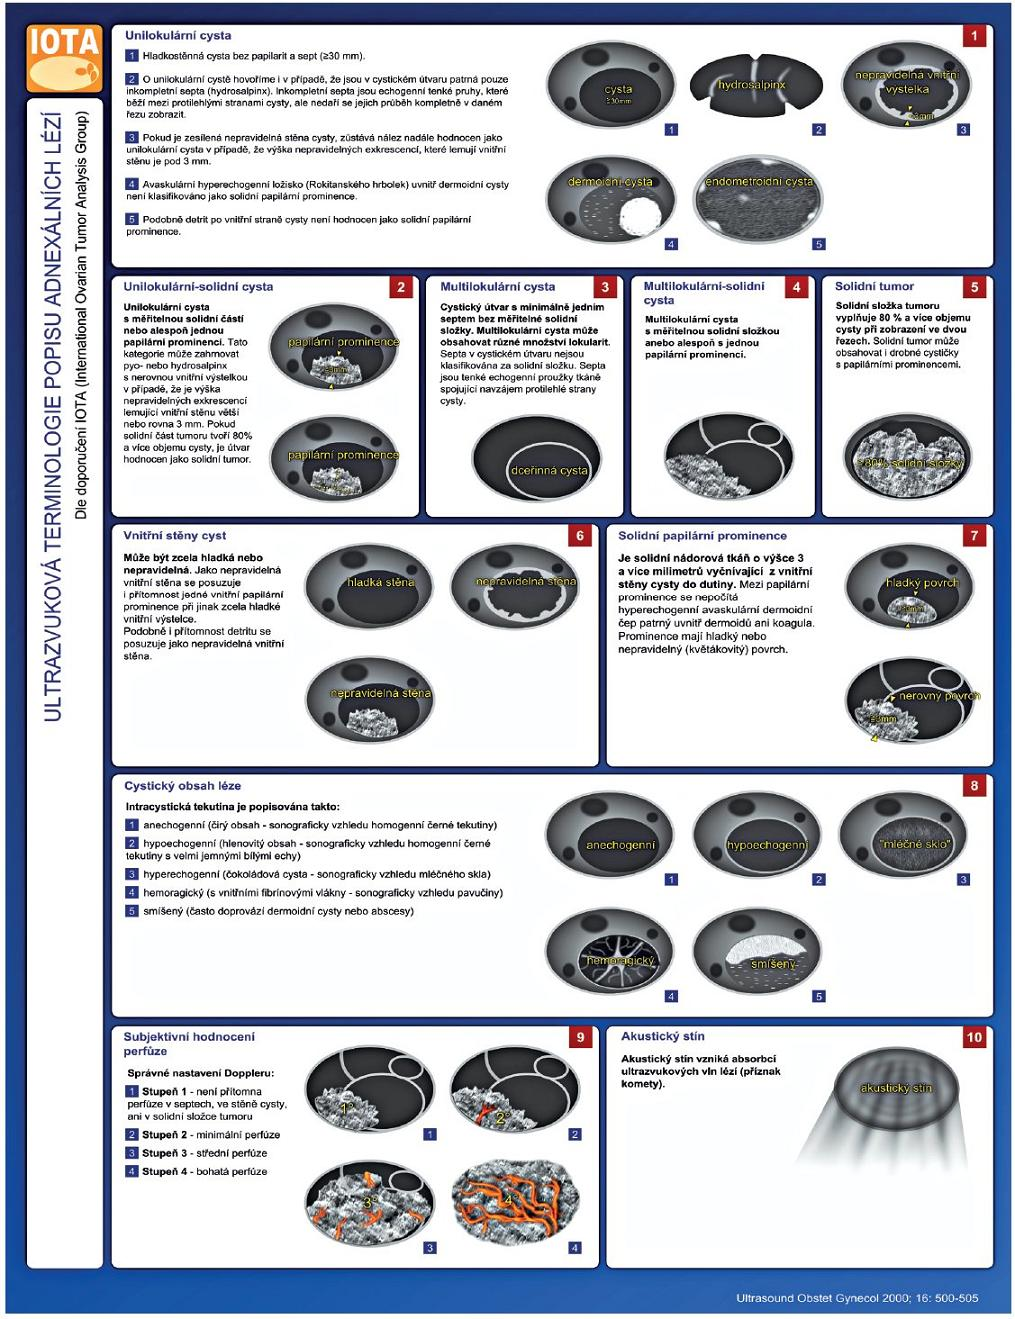 Schéma 1 Ultrazvuková terminologie popisu adnexálních lézí